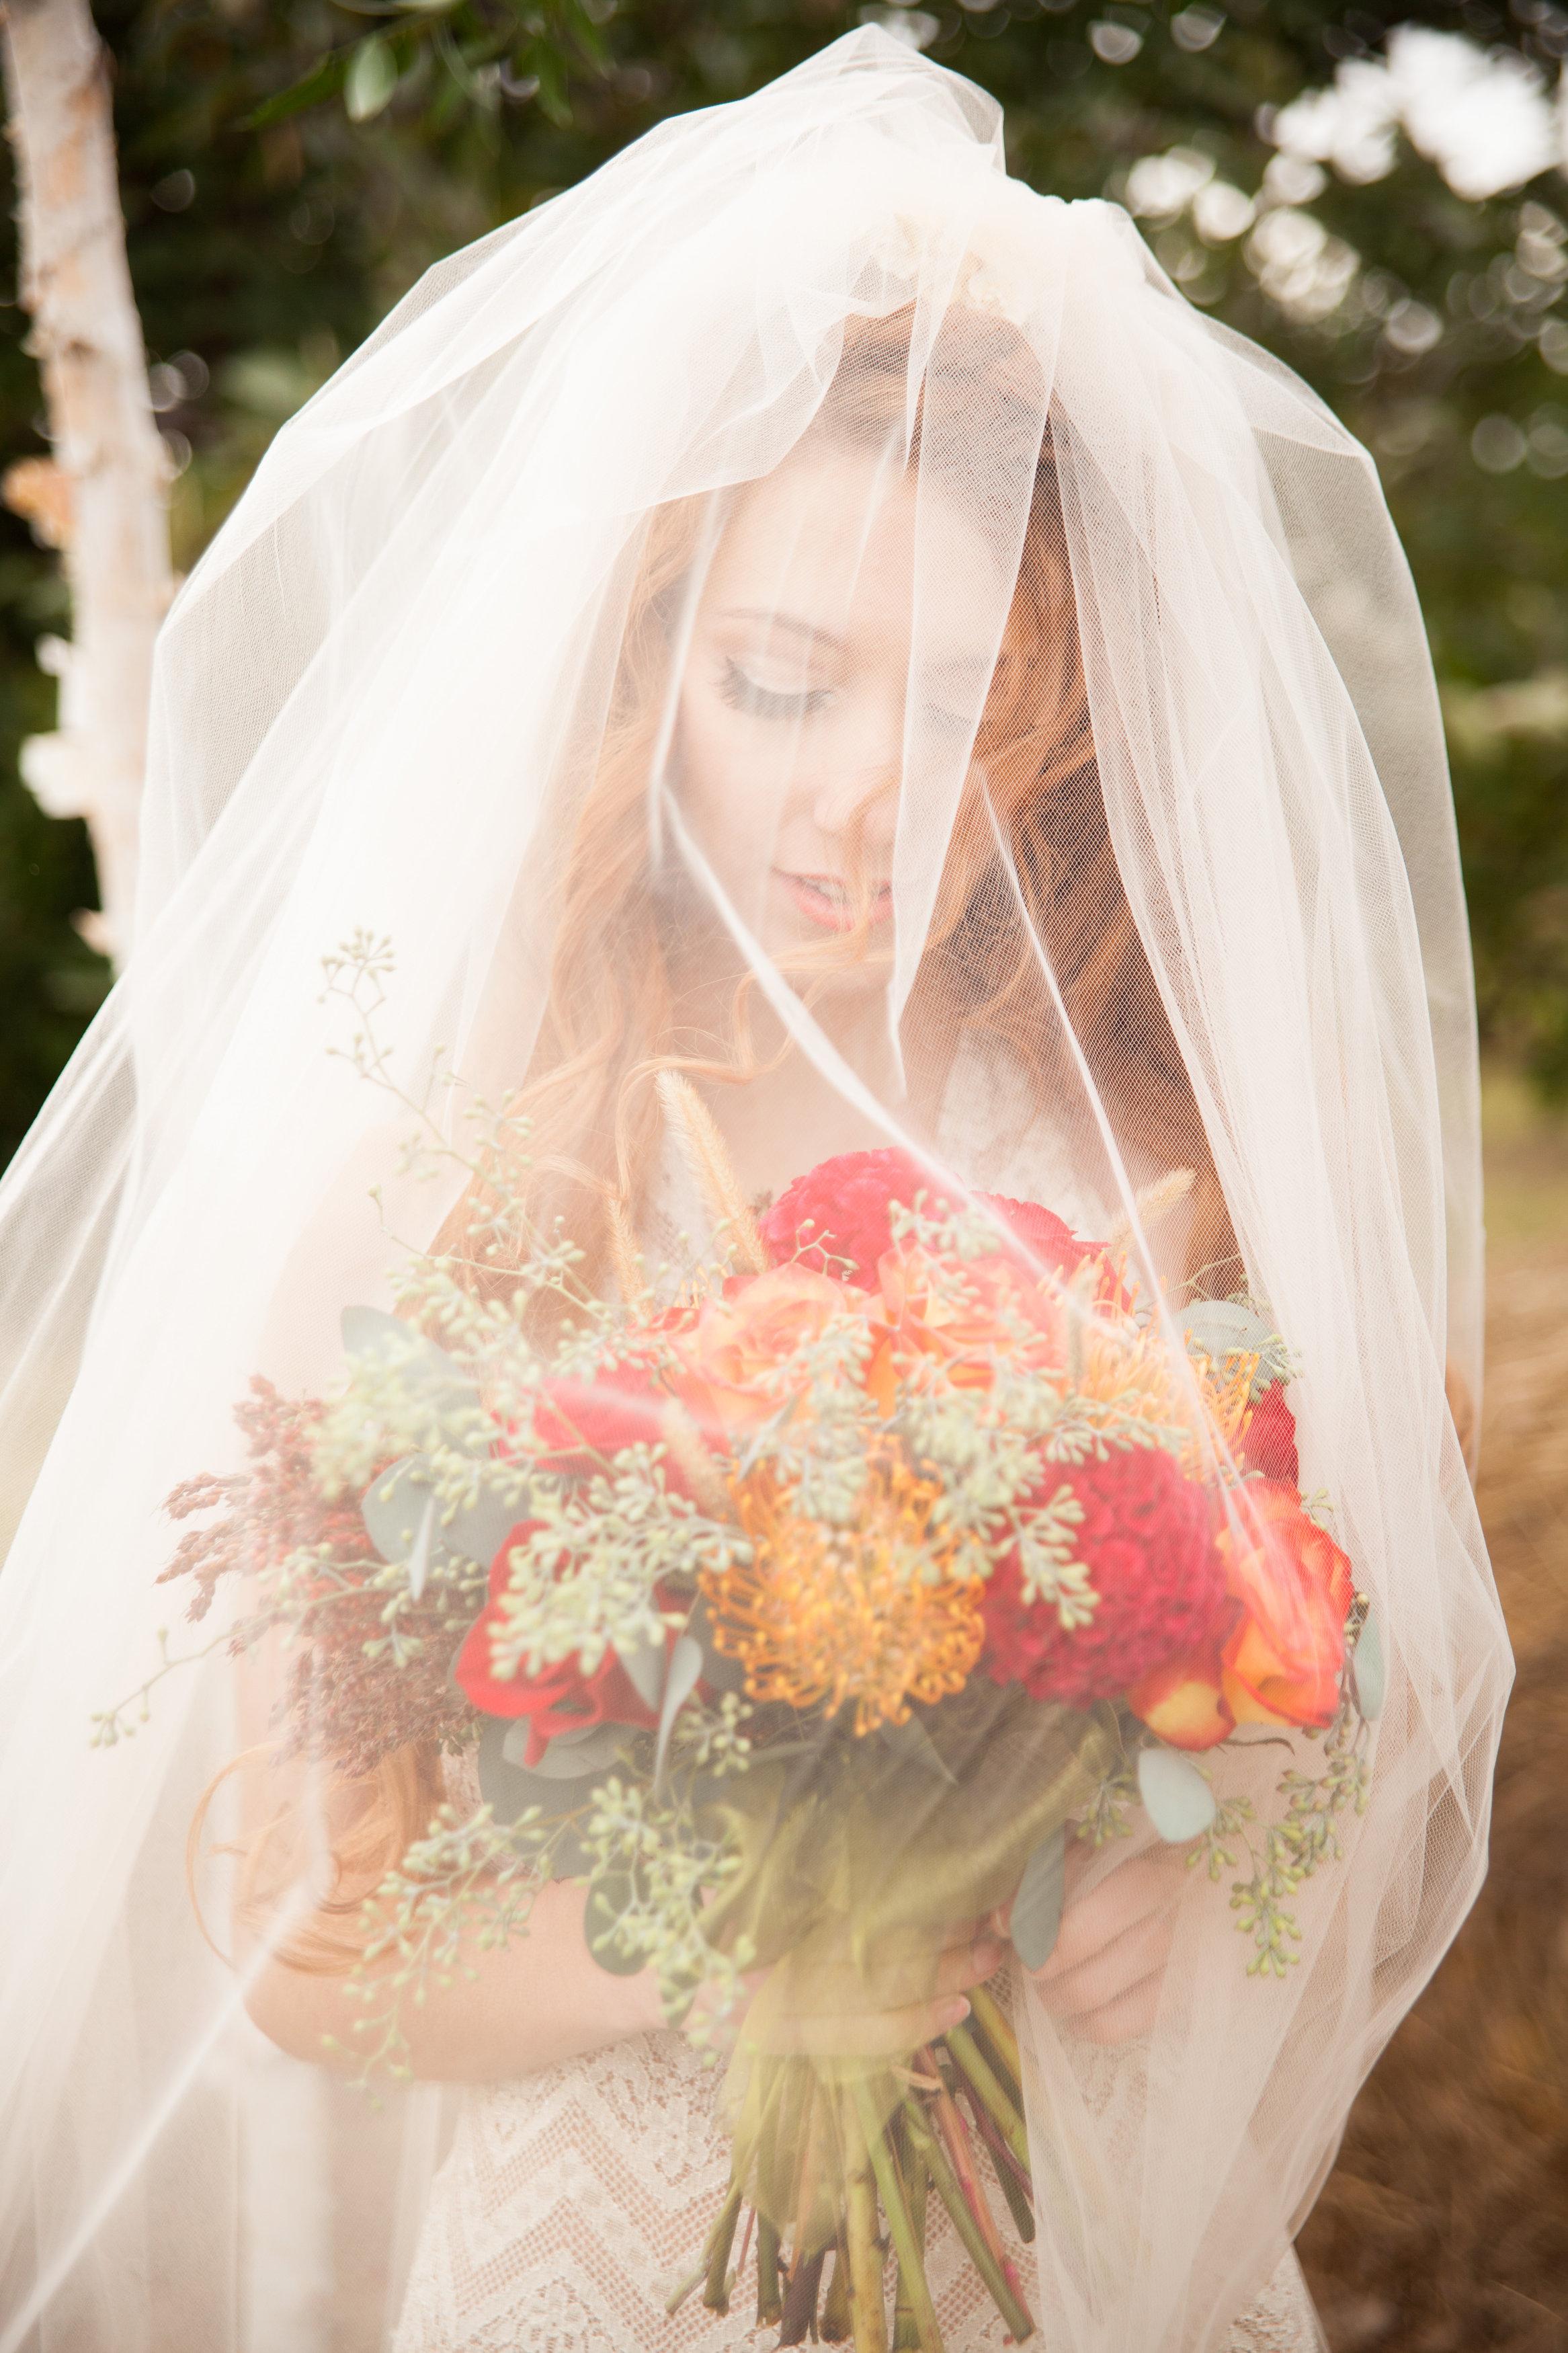 wedding flower packages elegant bouquets. Black Bedroom Furniture Sets. Home Design Ideas